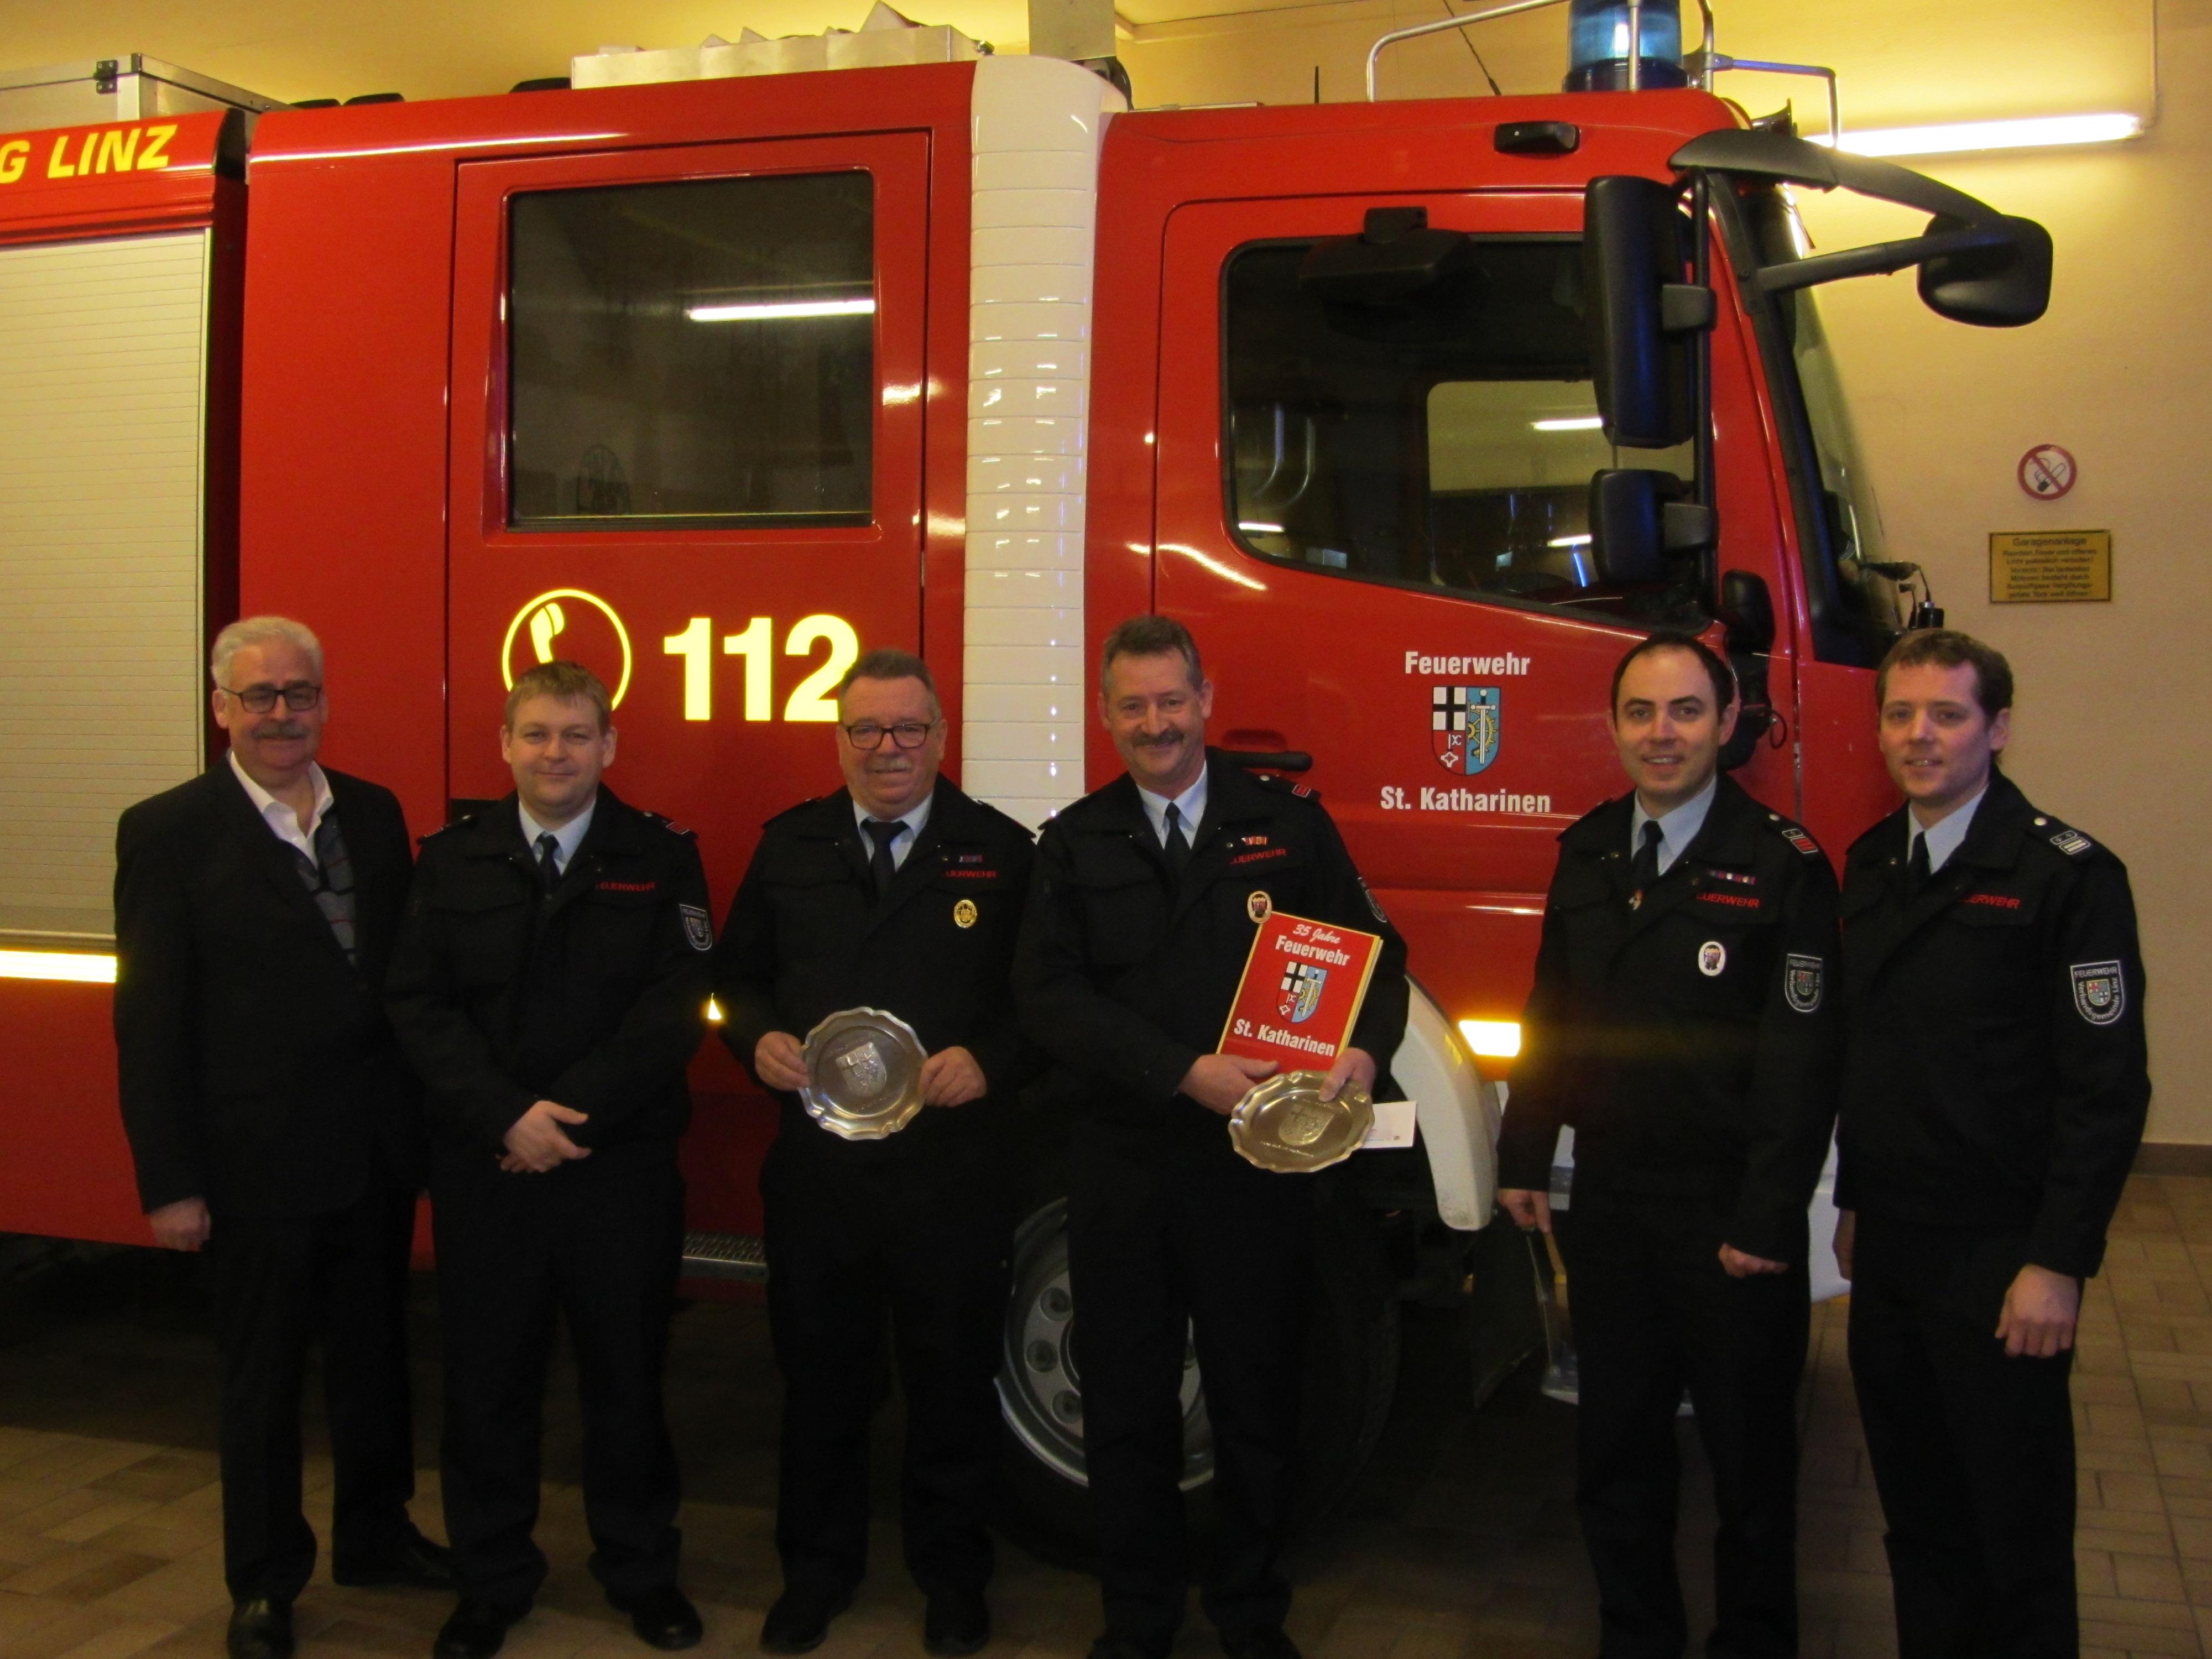 Feuerwehr St Katharinen